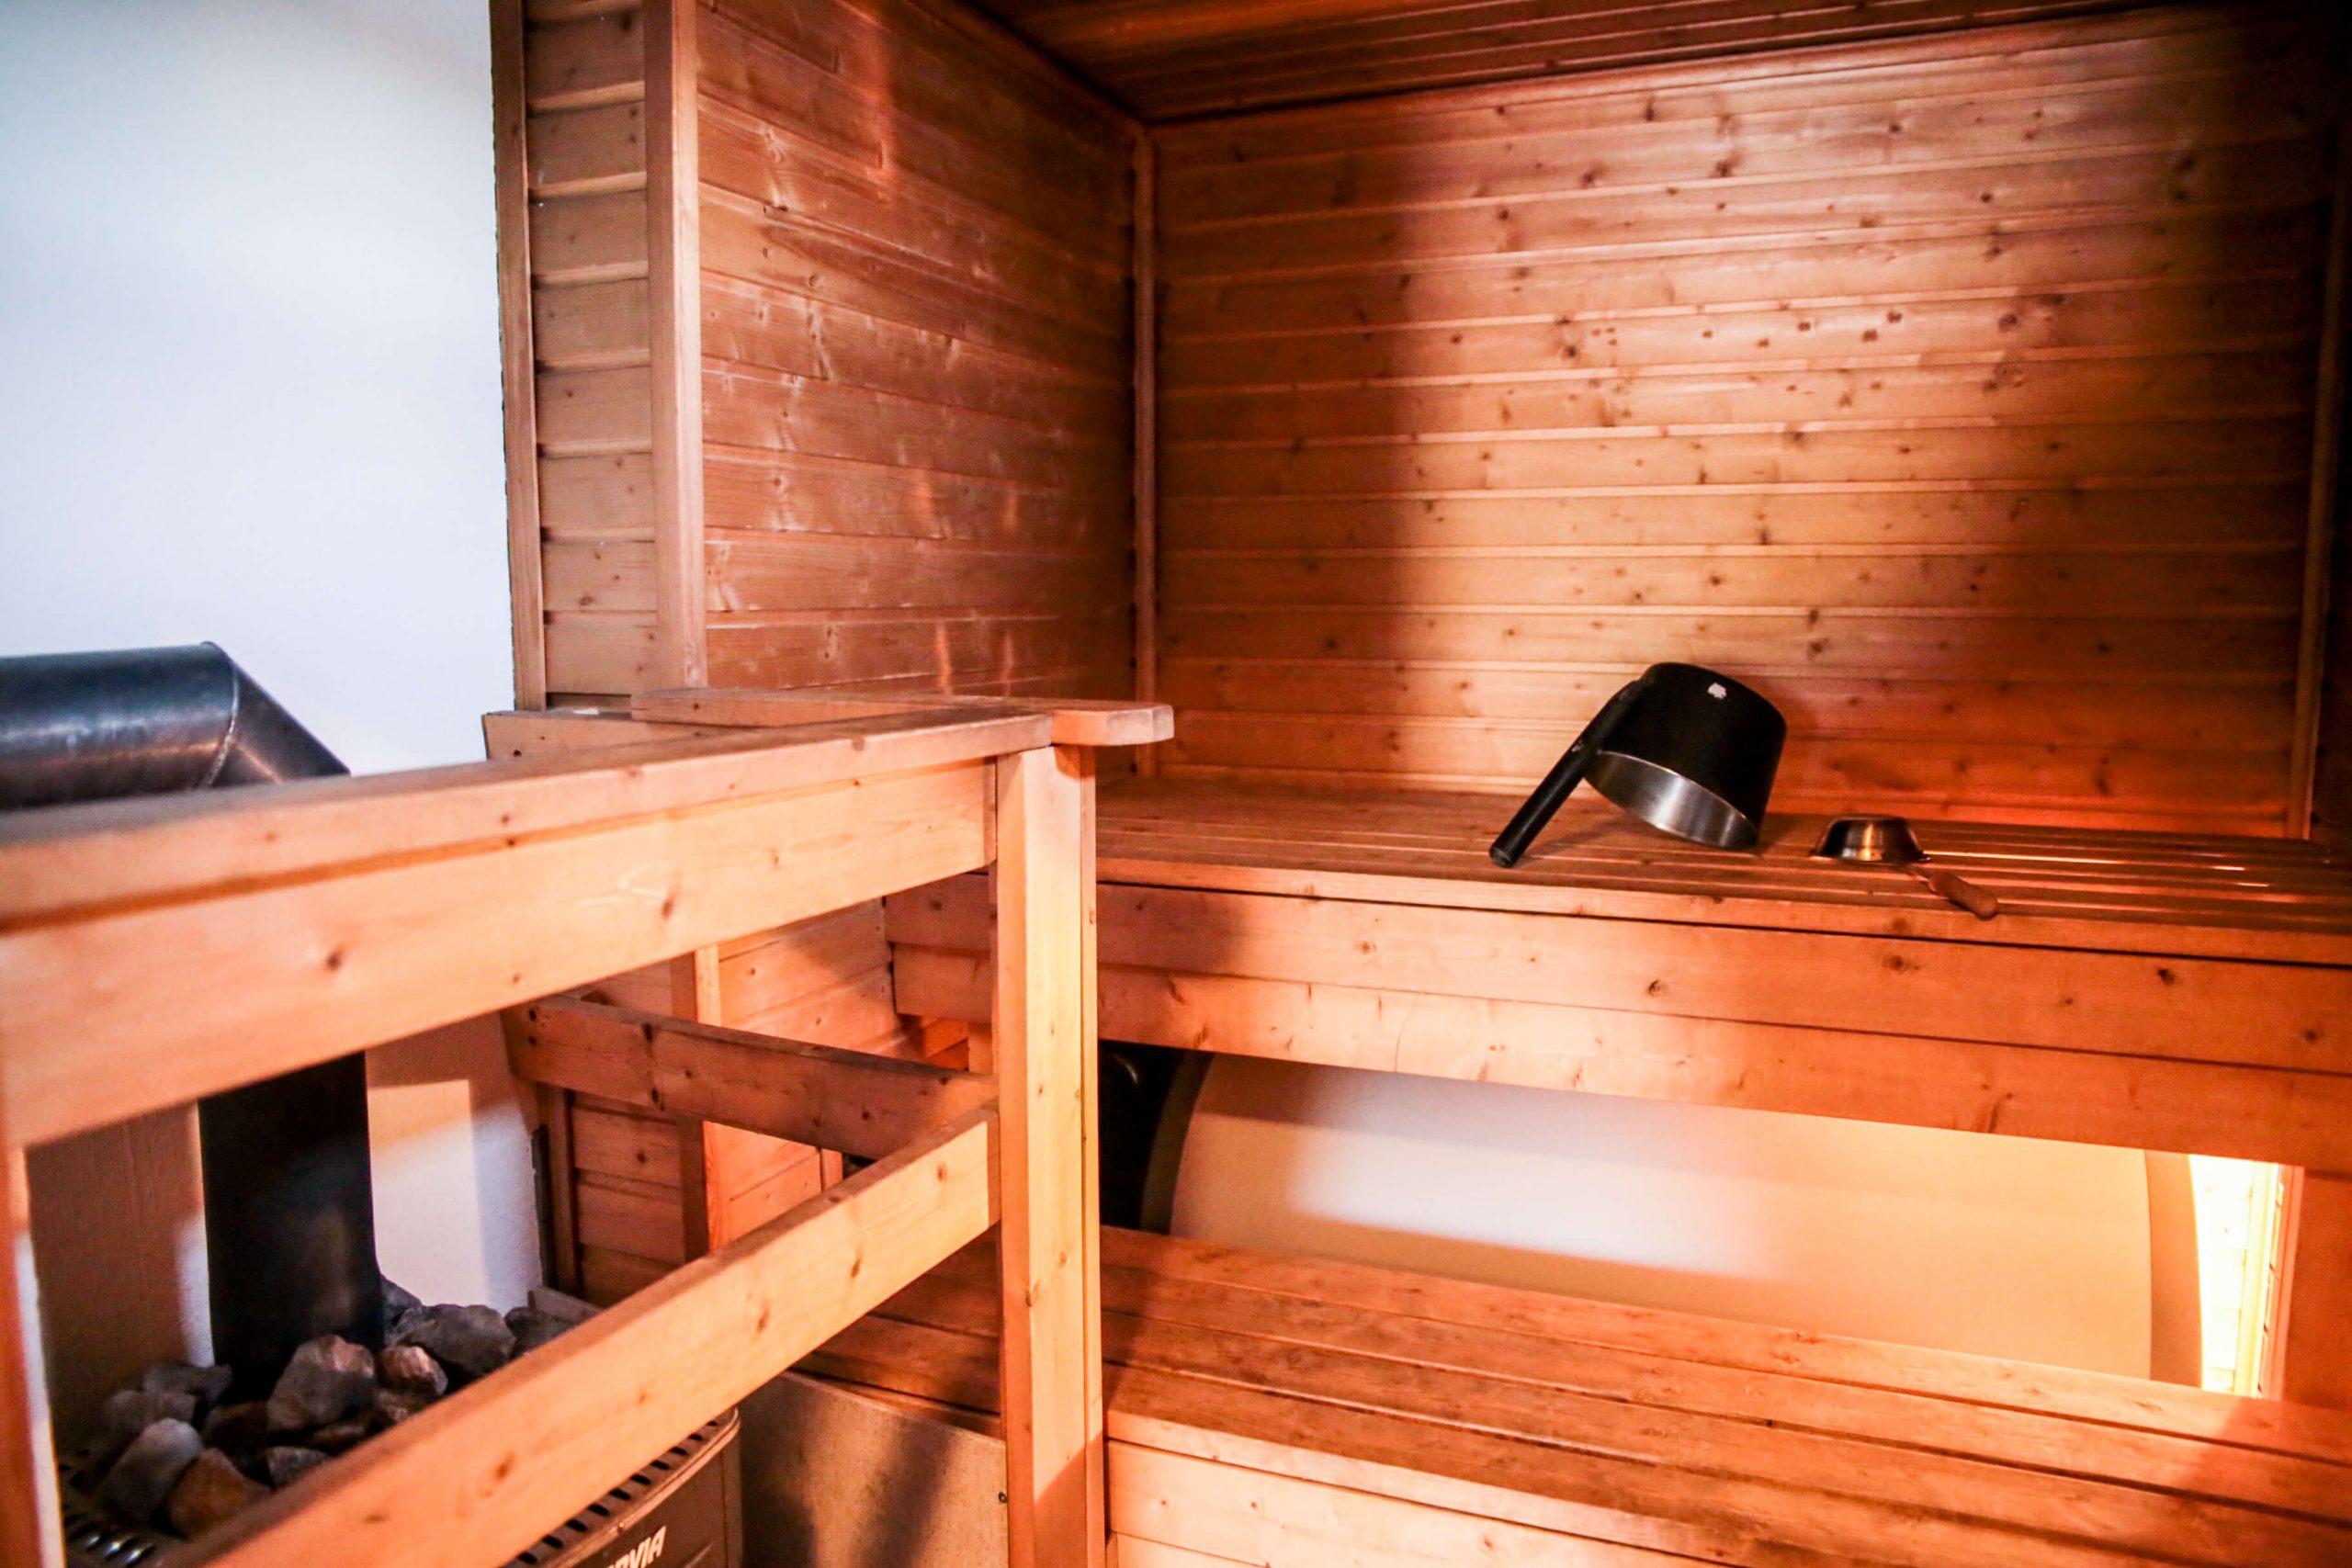 Mökillä on puulämmitteinen sauna